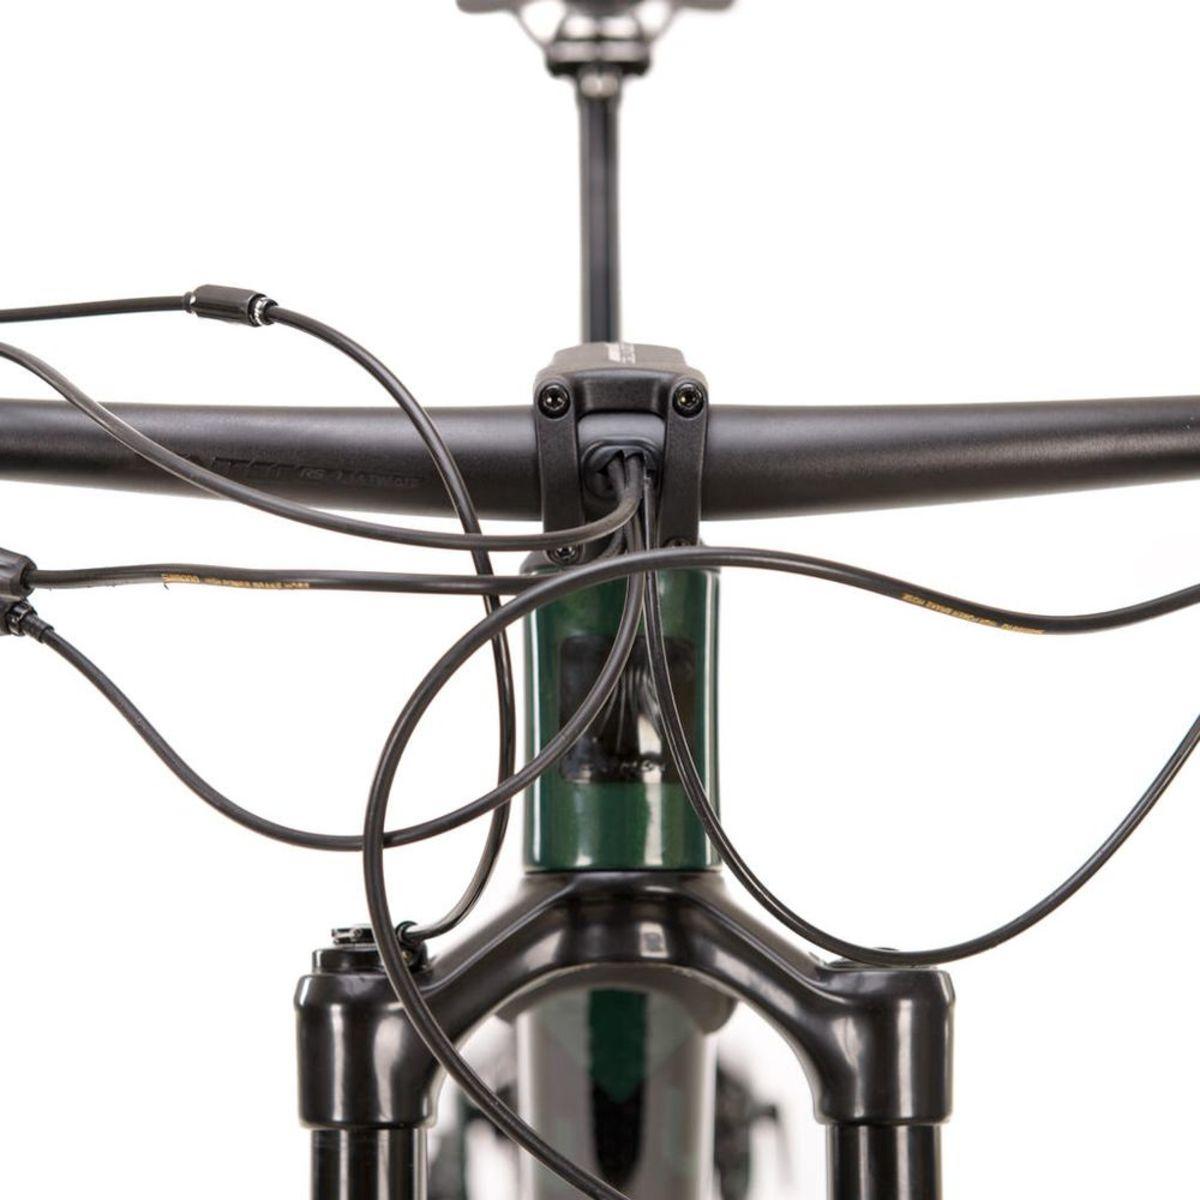 Bicicleta 29 Sense INVICTUS COMP  Carbono Full Cor Verde